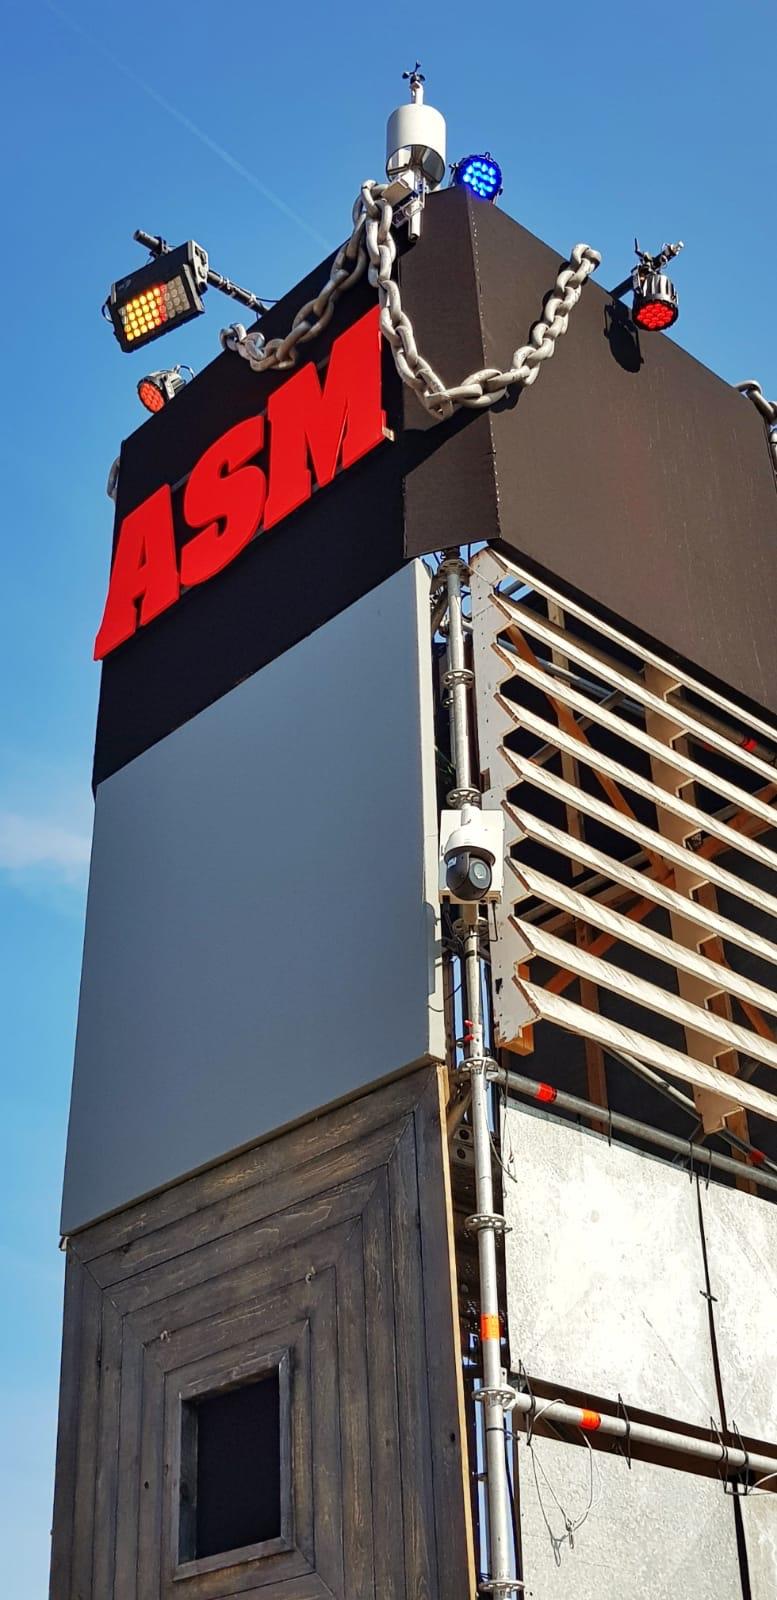 Cameratoezicht geleverd tijdens ASM Festival Arnhem! #beveiliging #camerabeveiliging #commandounit #asmfestival